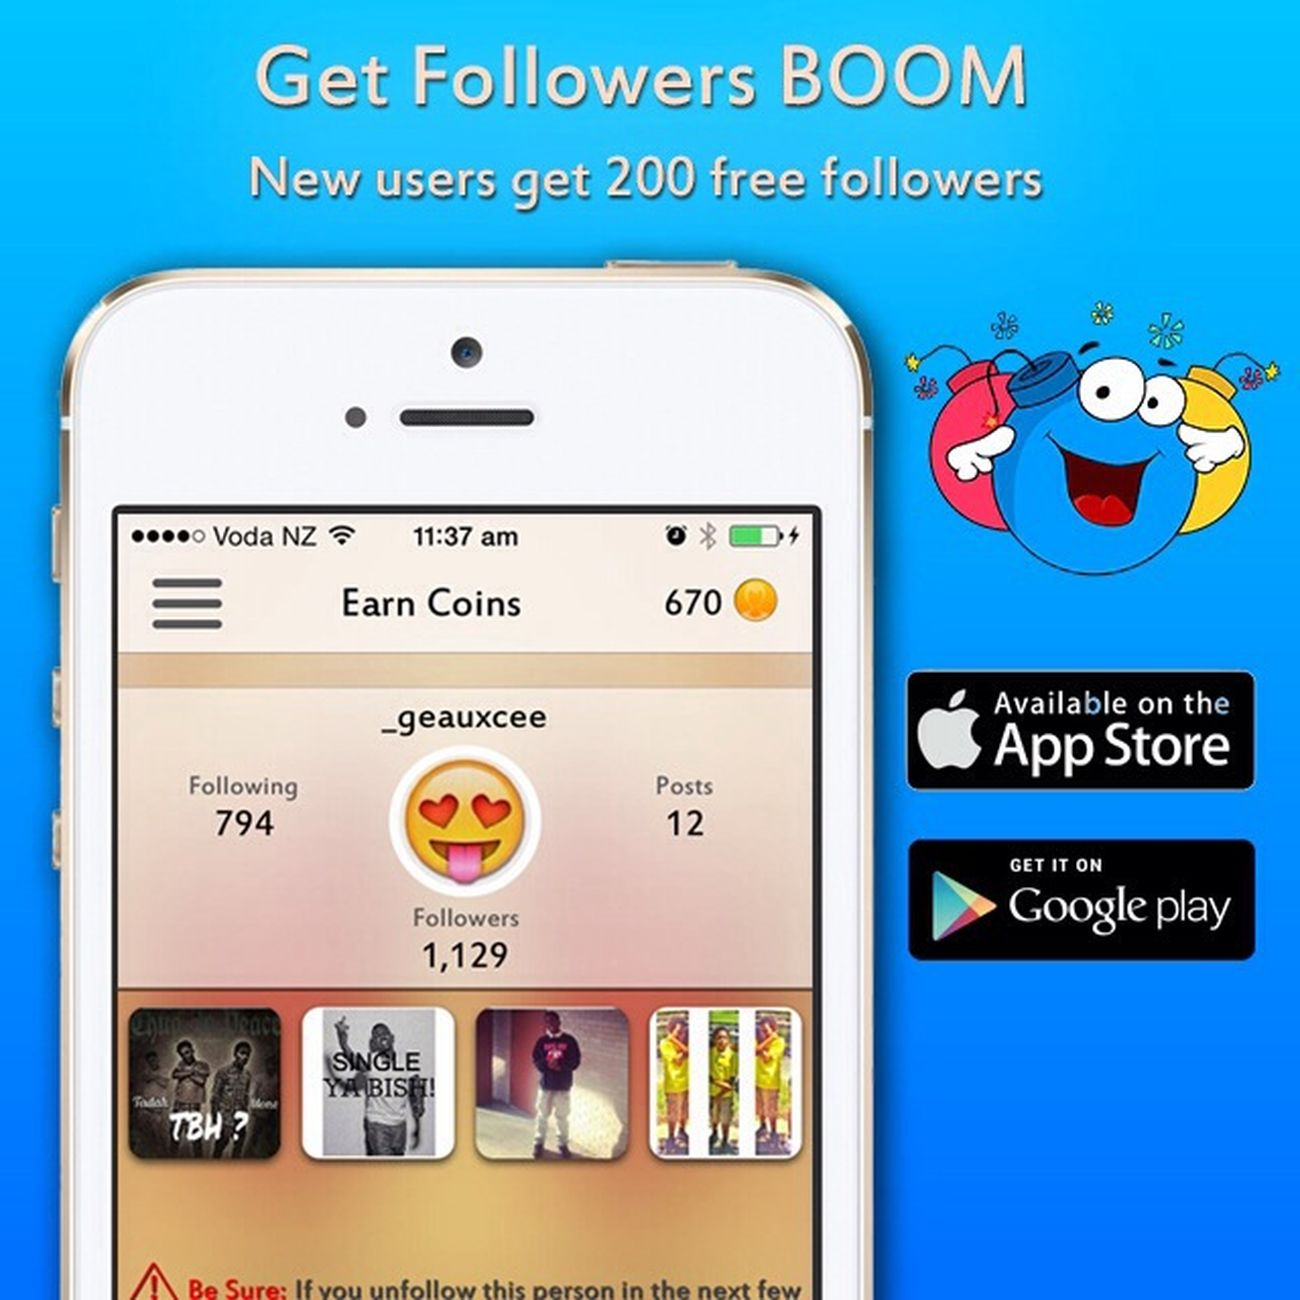 Followersboom